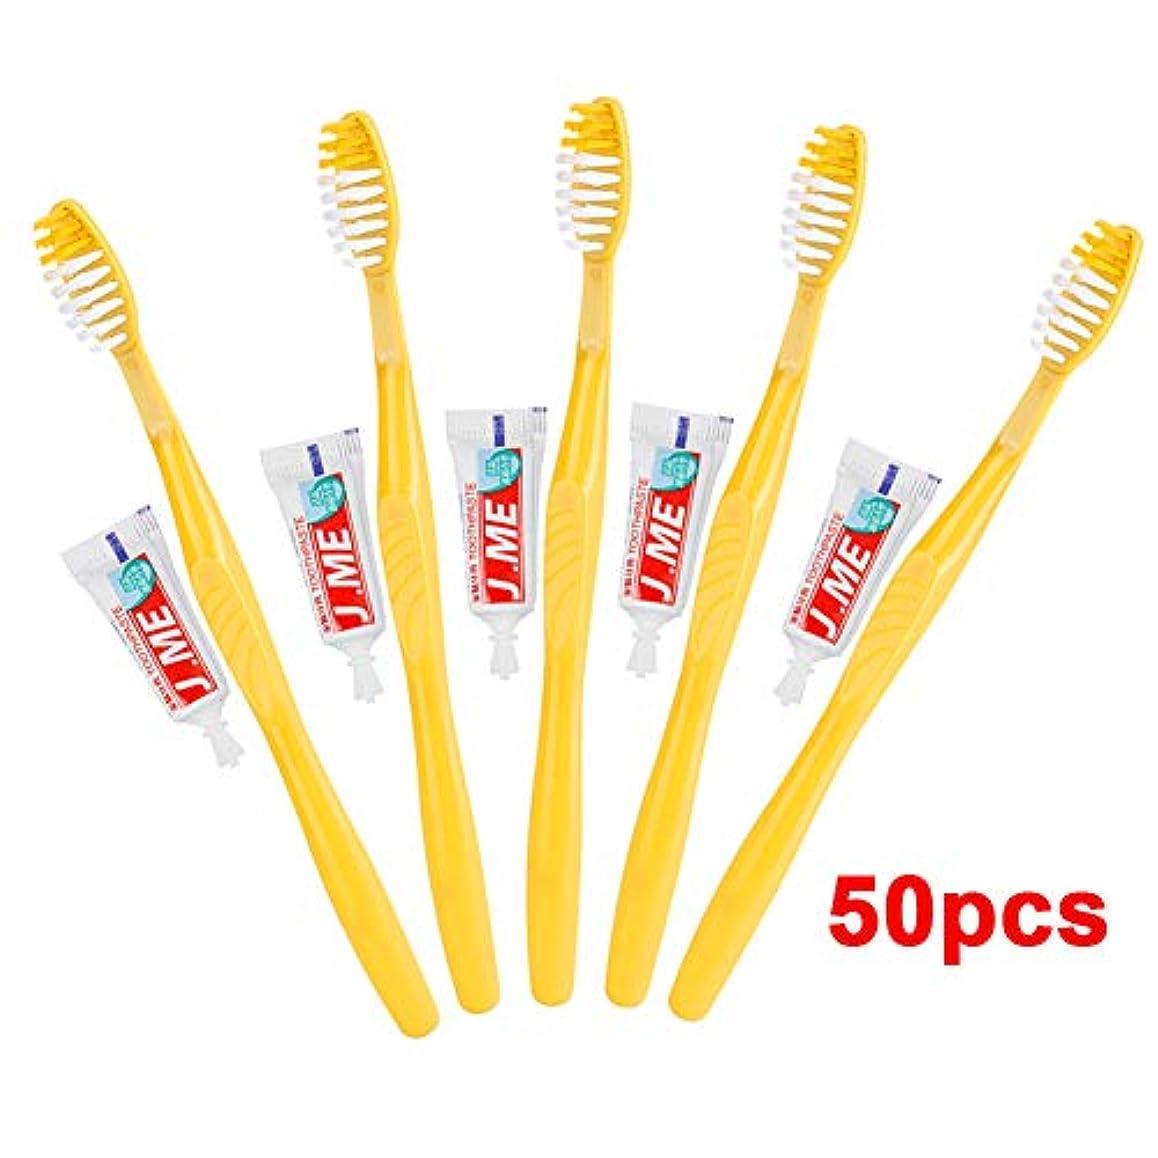 それぞれ患者動揺させるDoo 超安い 50本入り 業務用使い捨て歯ブラシセット ハミガキ粉付き 使い捨て歯ブラシ ビジネス ホテル 工業用